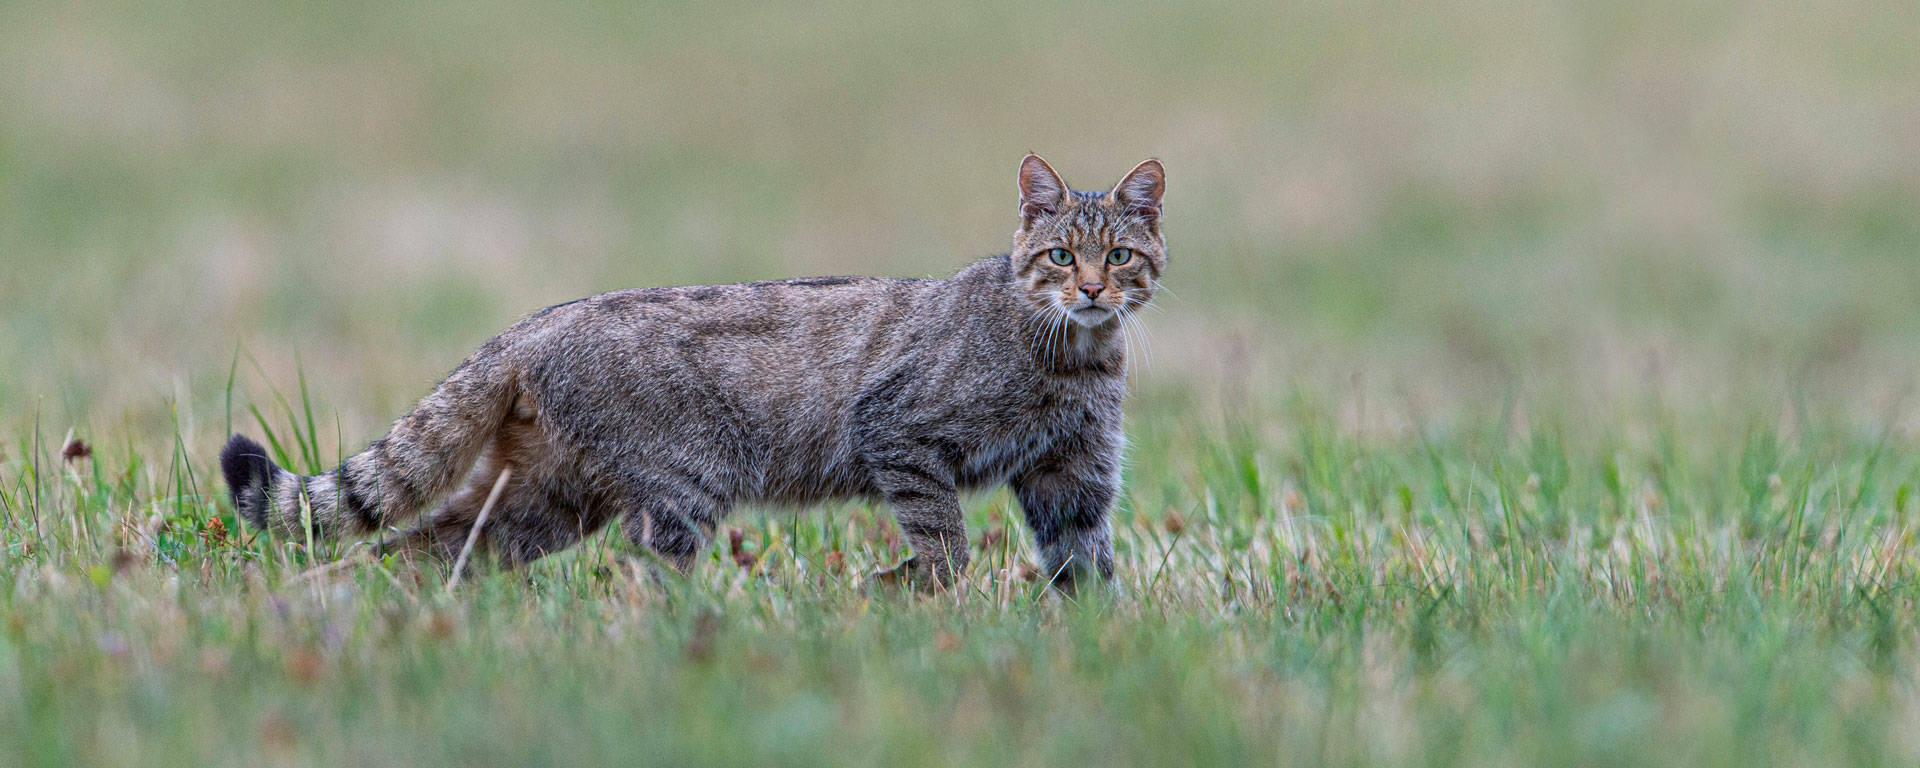 La Sindrome di Horner nel gatto